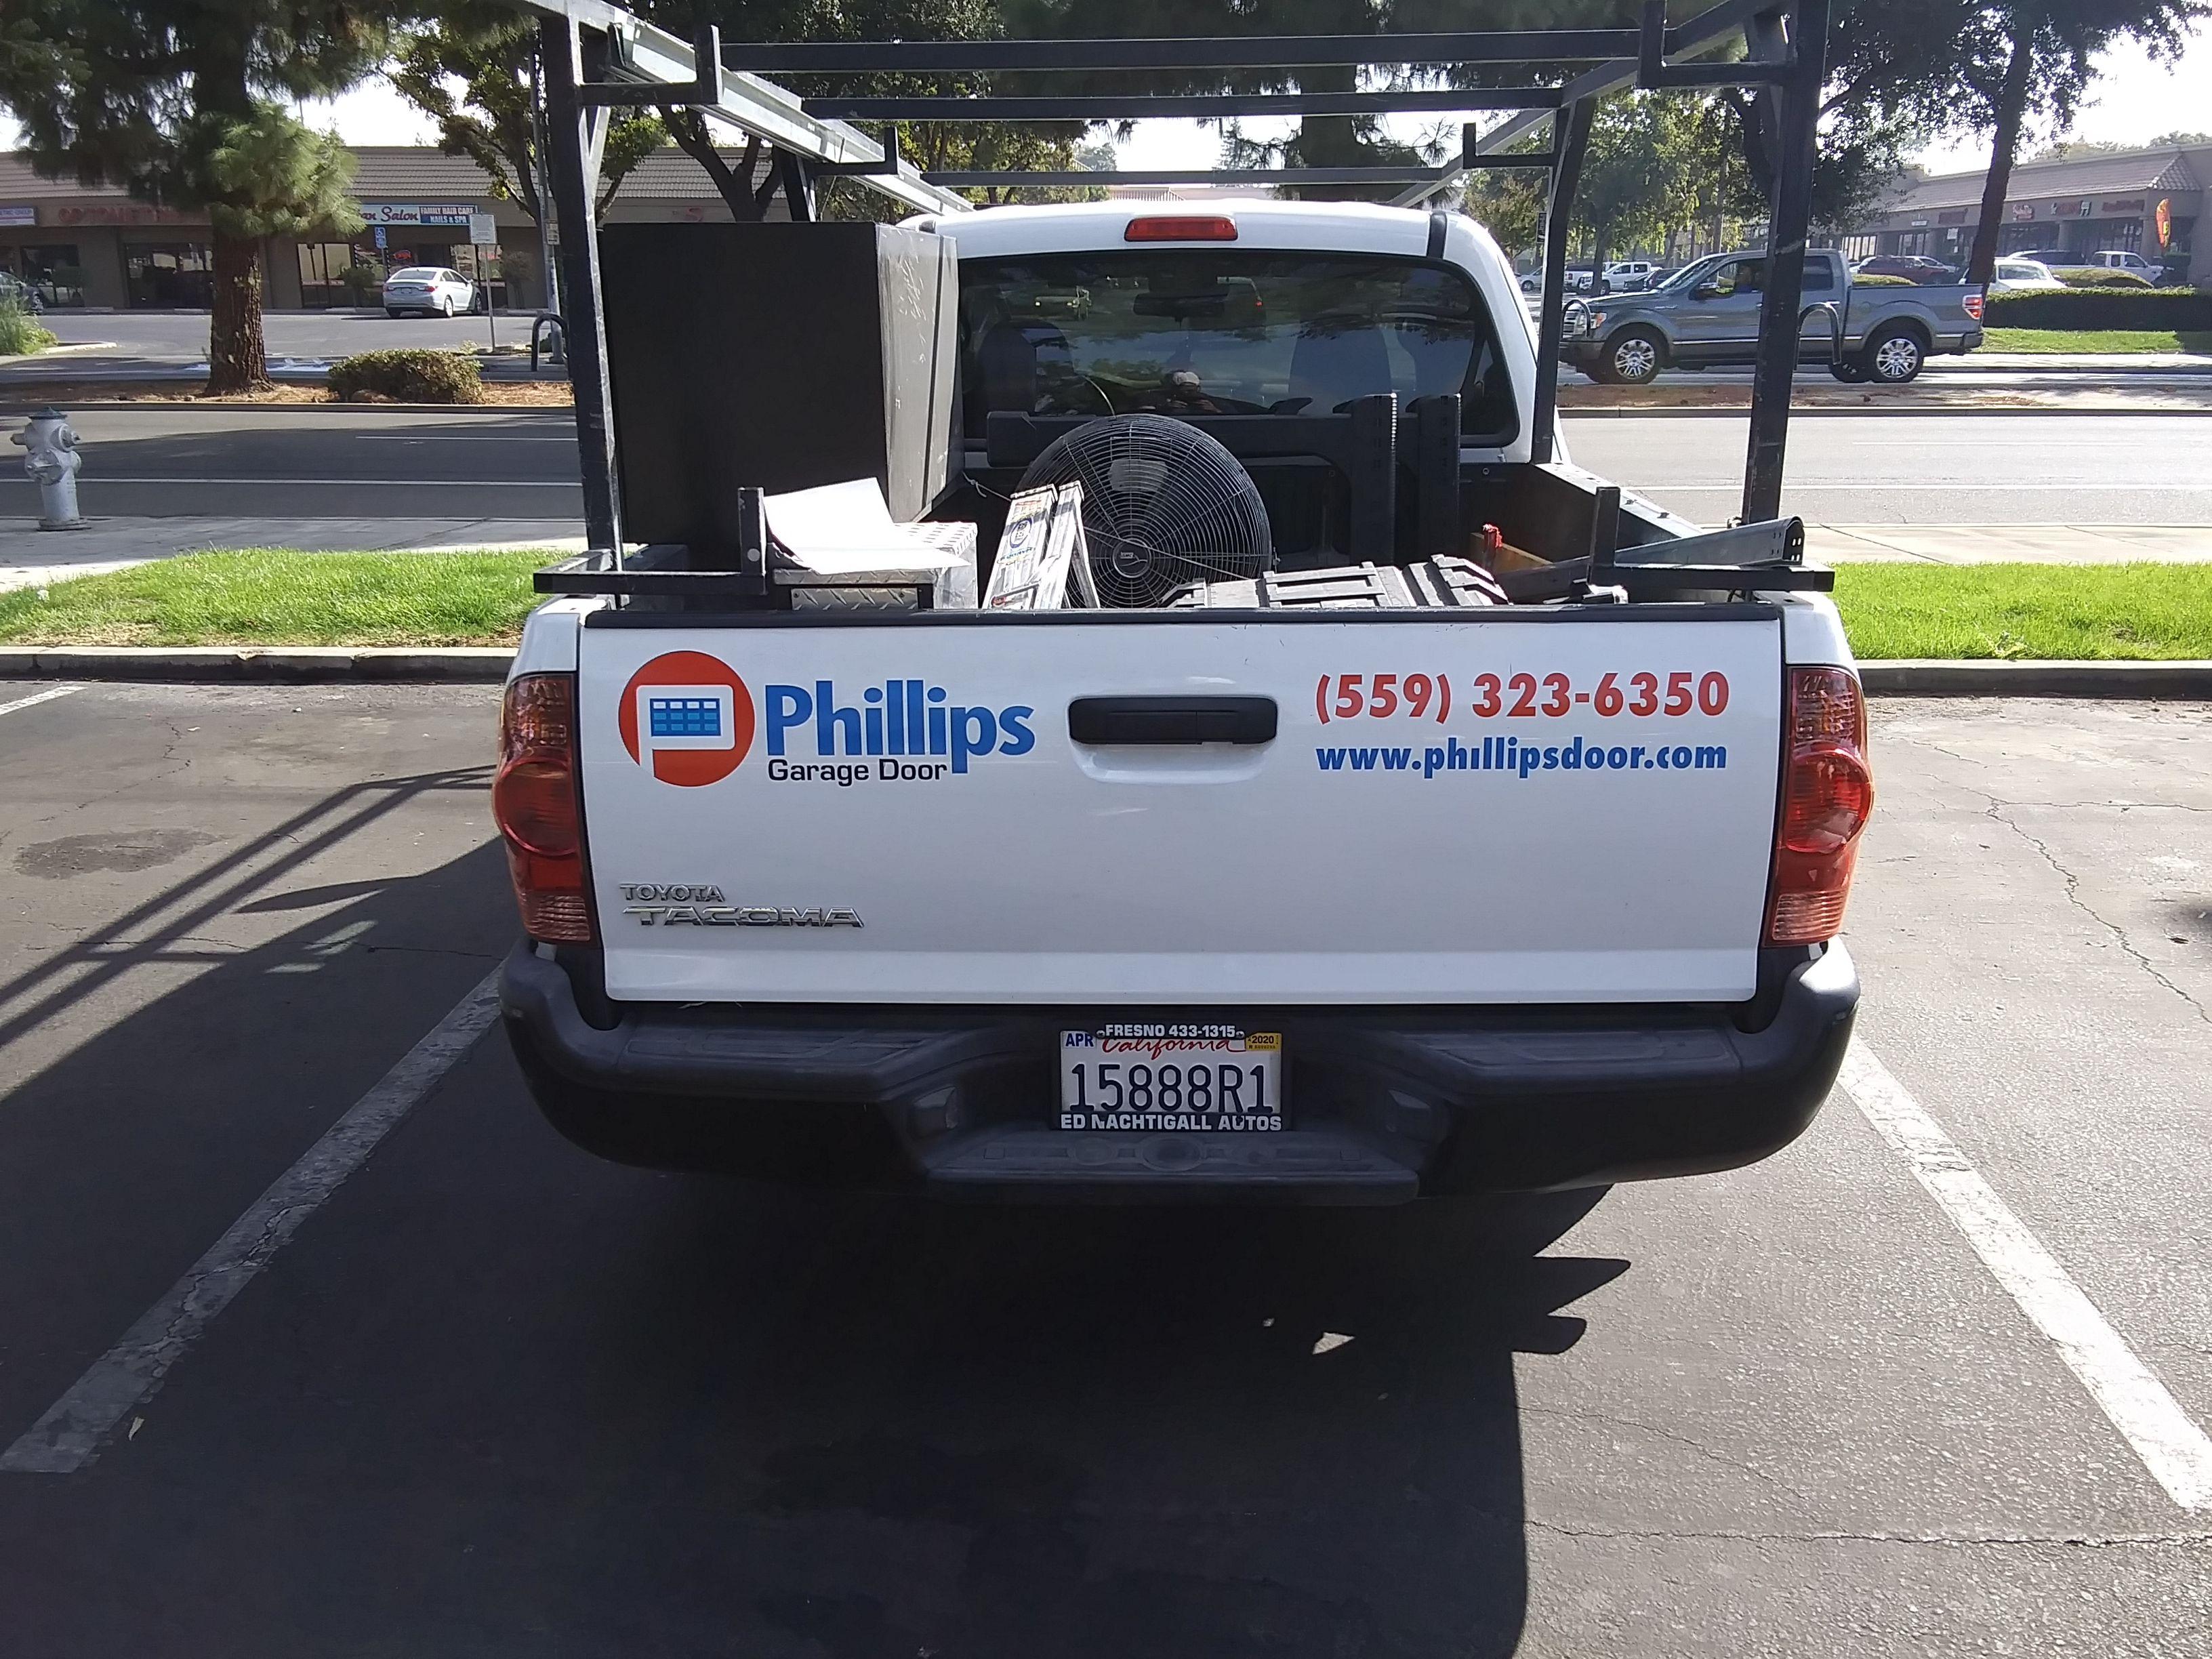 Phillips Garage Door